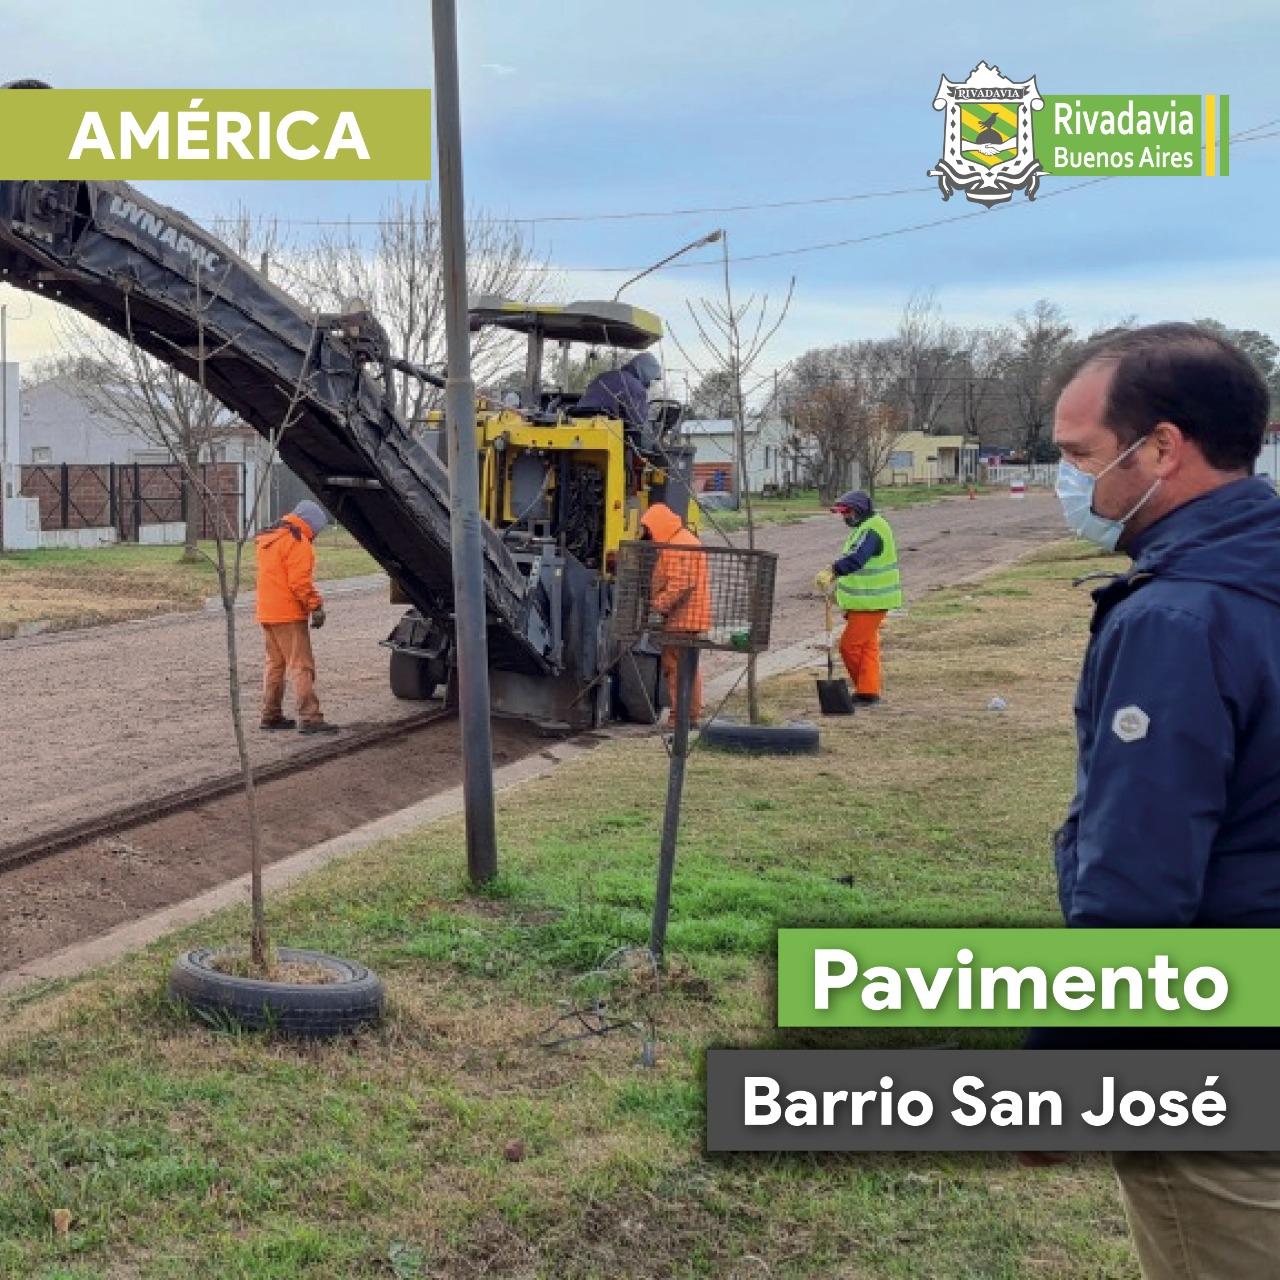 COMENZÓ LA OBRA DE ASFALTO EN EL BARRIO SAN JOSÉ DE AMÉRICA